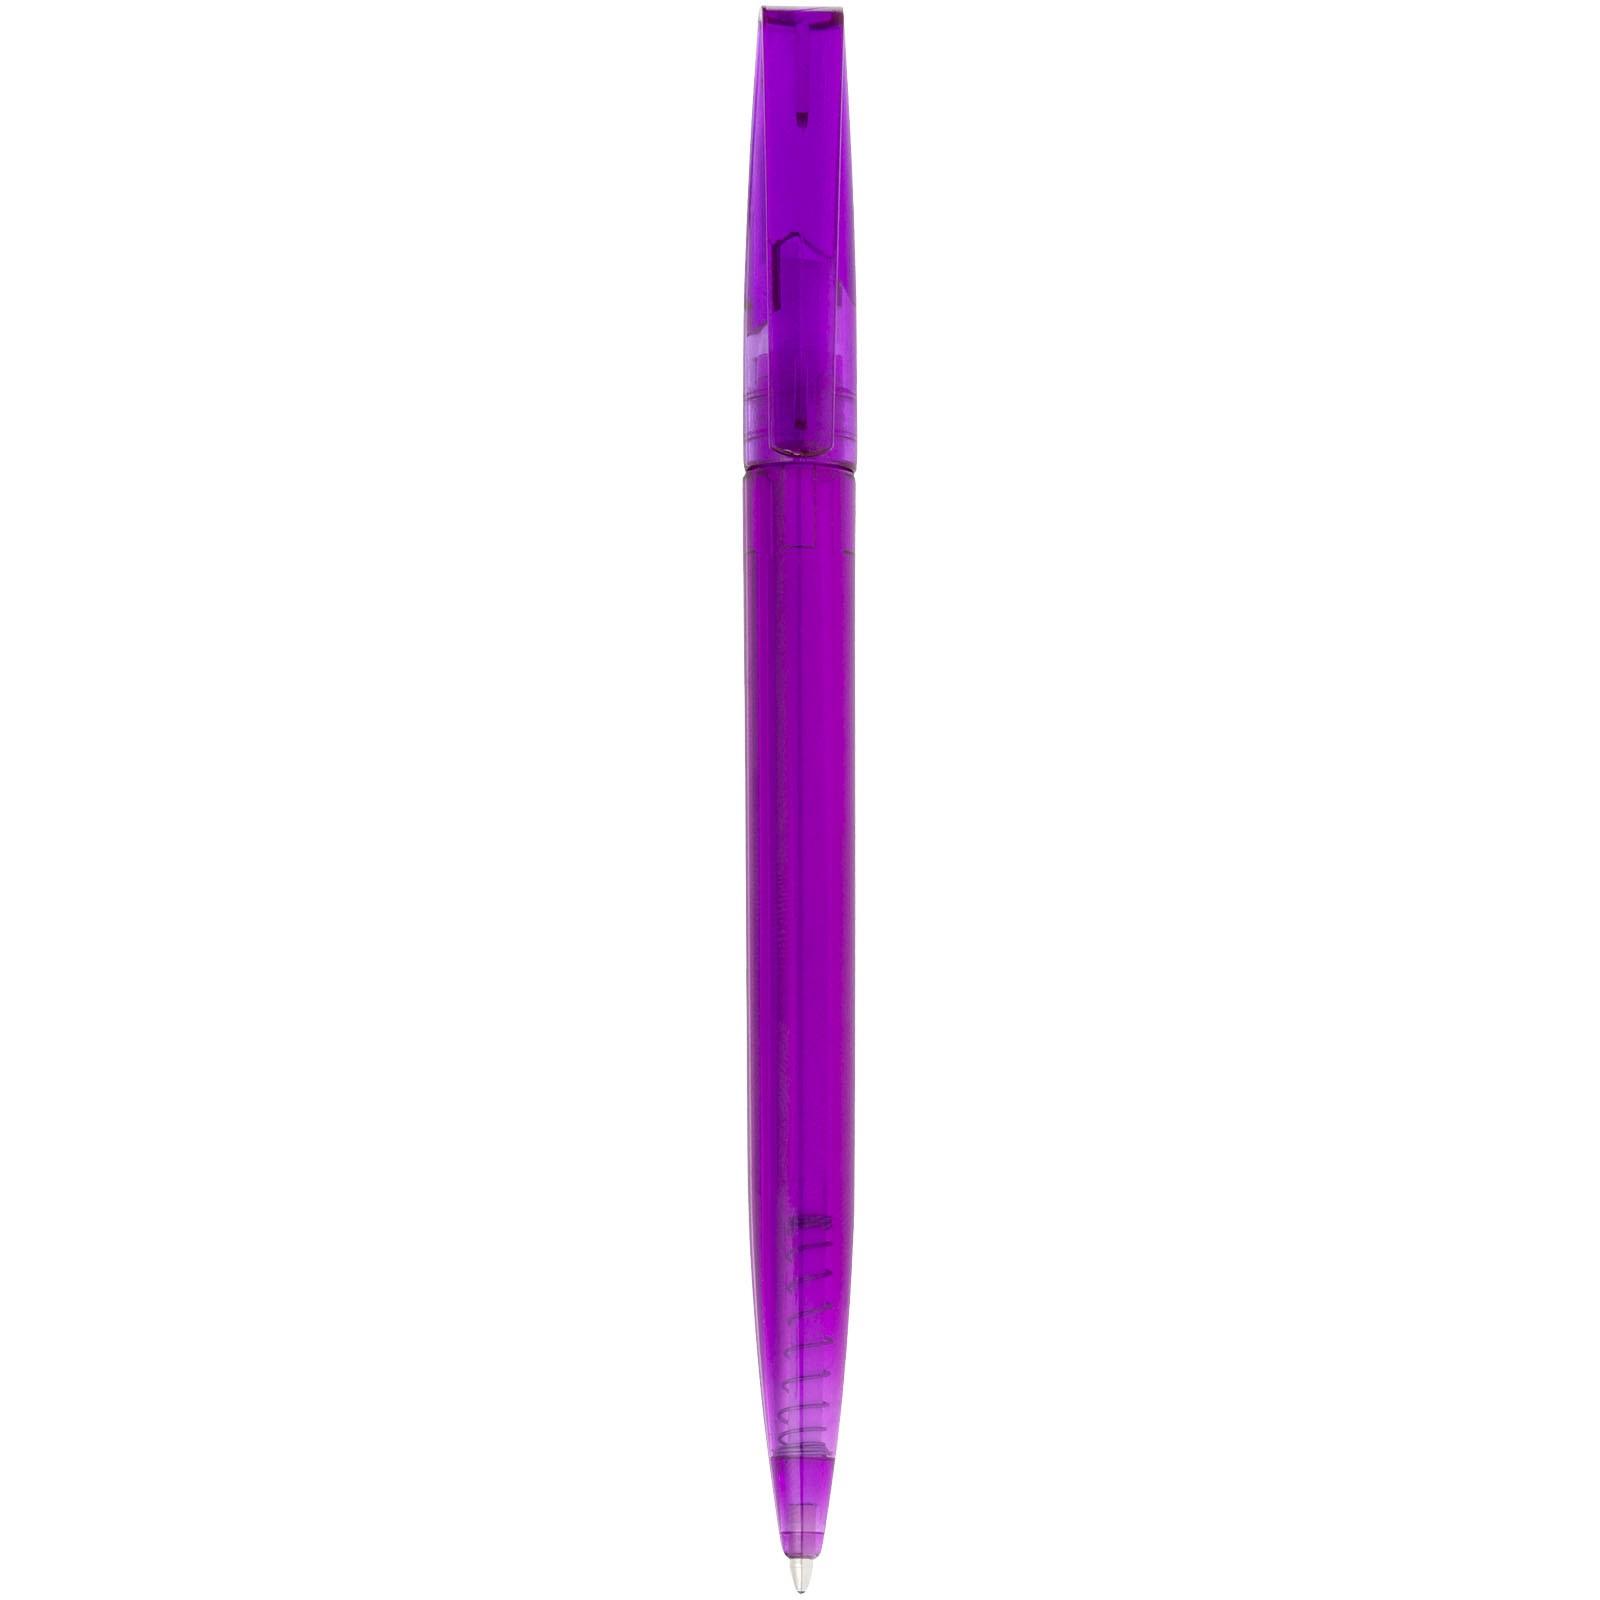 Kuličkové pero London - Purpurová